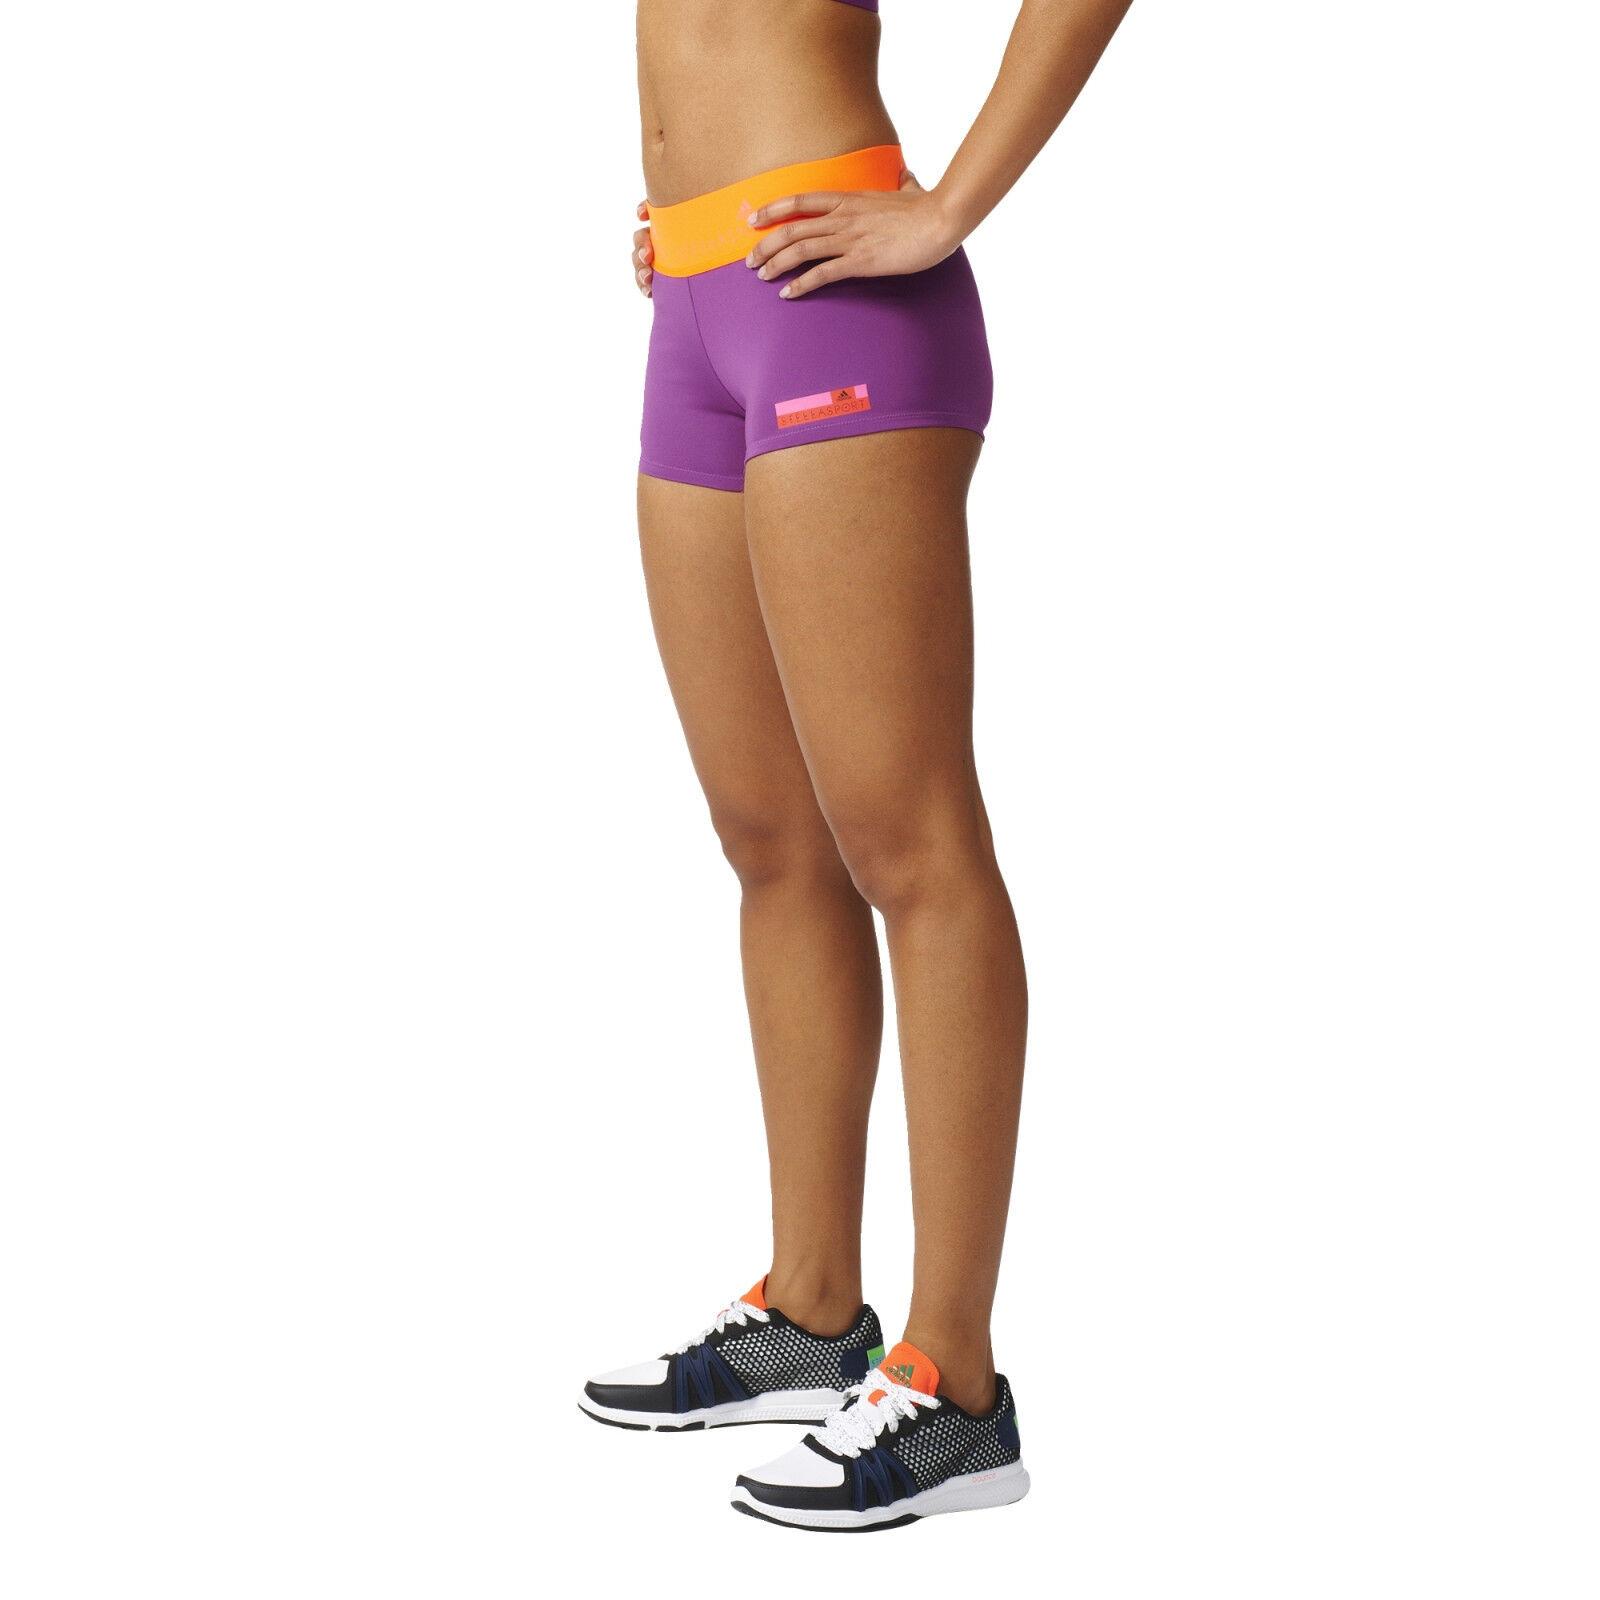 Adidas Femme  StellaSport Short accessoire d'entraînement Athlétisme ap6196  factory outlets